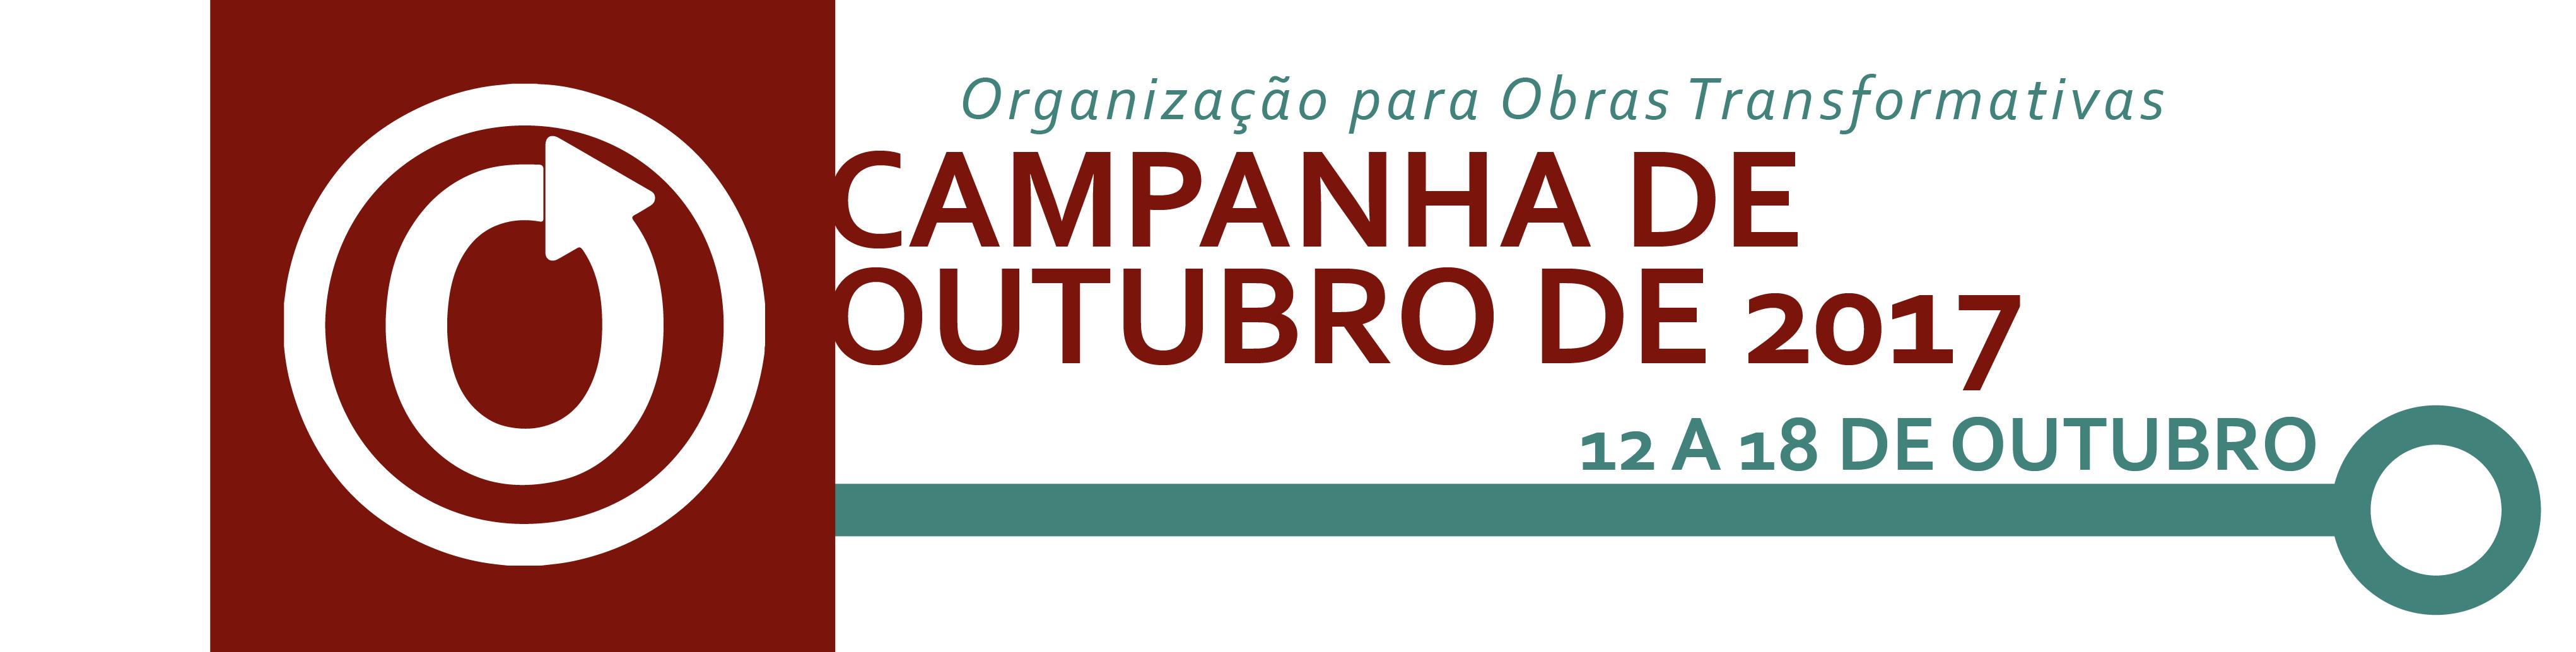 Campanha de outubro da Organização para Obras Transformativas, 12 a 18 de outubro de 2017